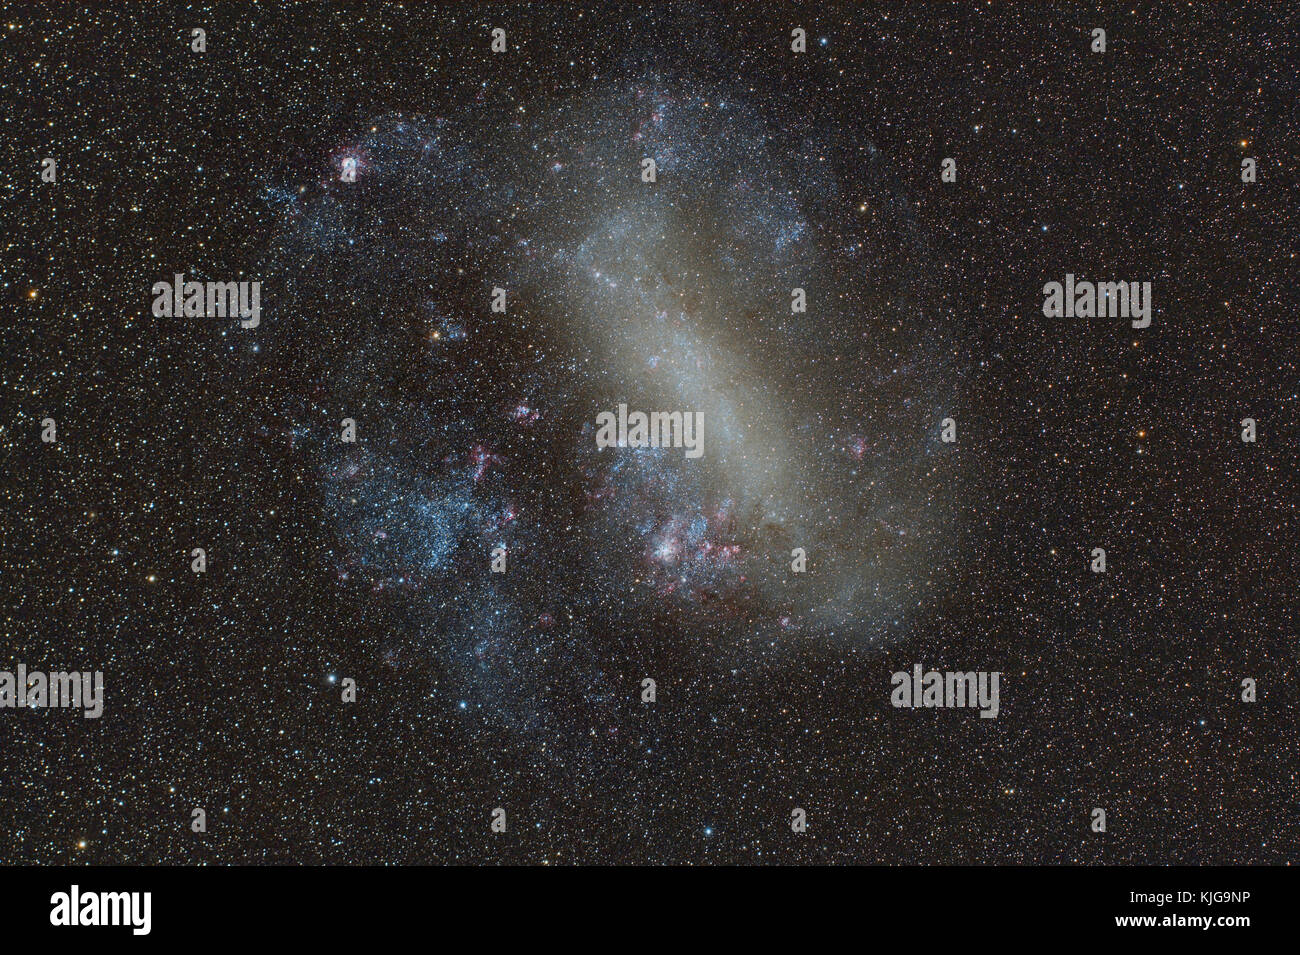 Namibia, Region Khomas, near Uhlenhorst, Astrophoto of the Large Magellanic Cloud (LMC, PGC 17223), irregular galaxy - Stock Image